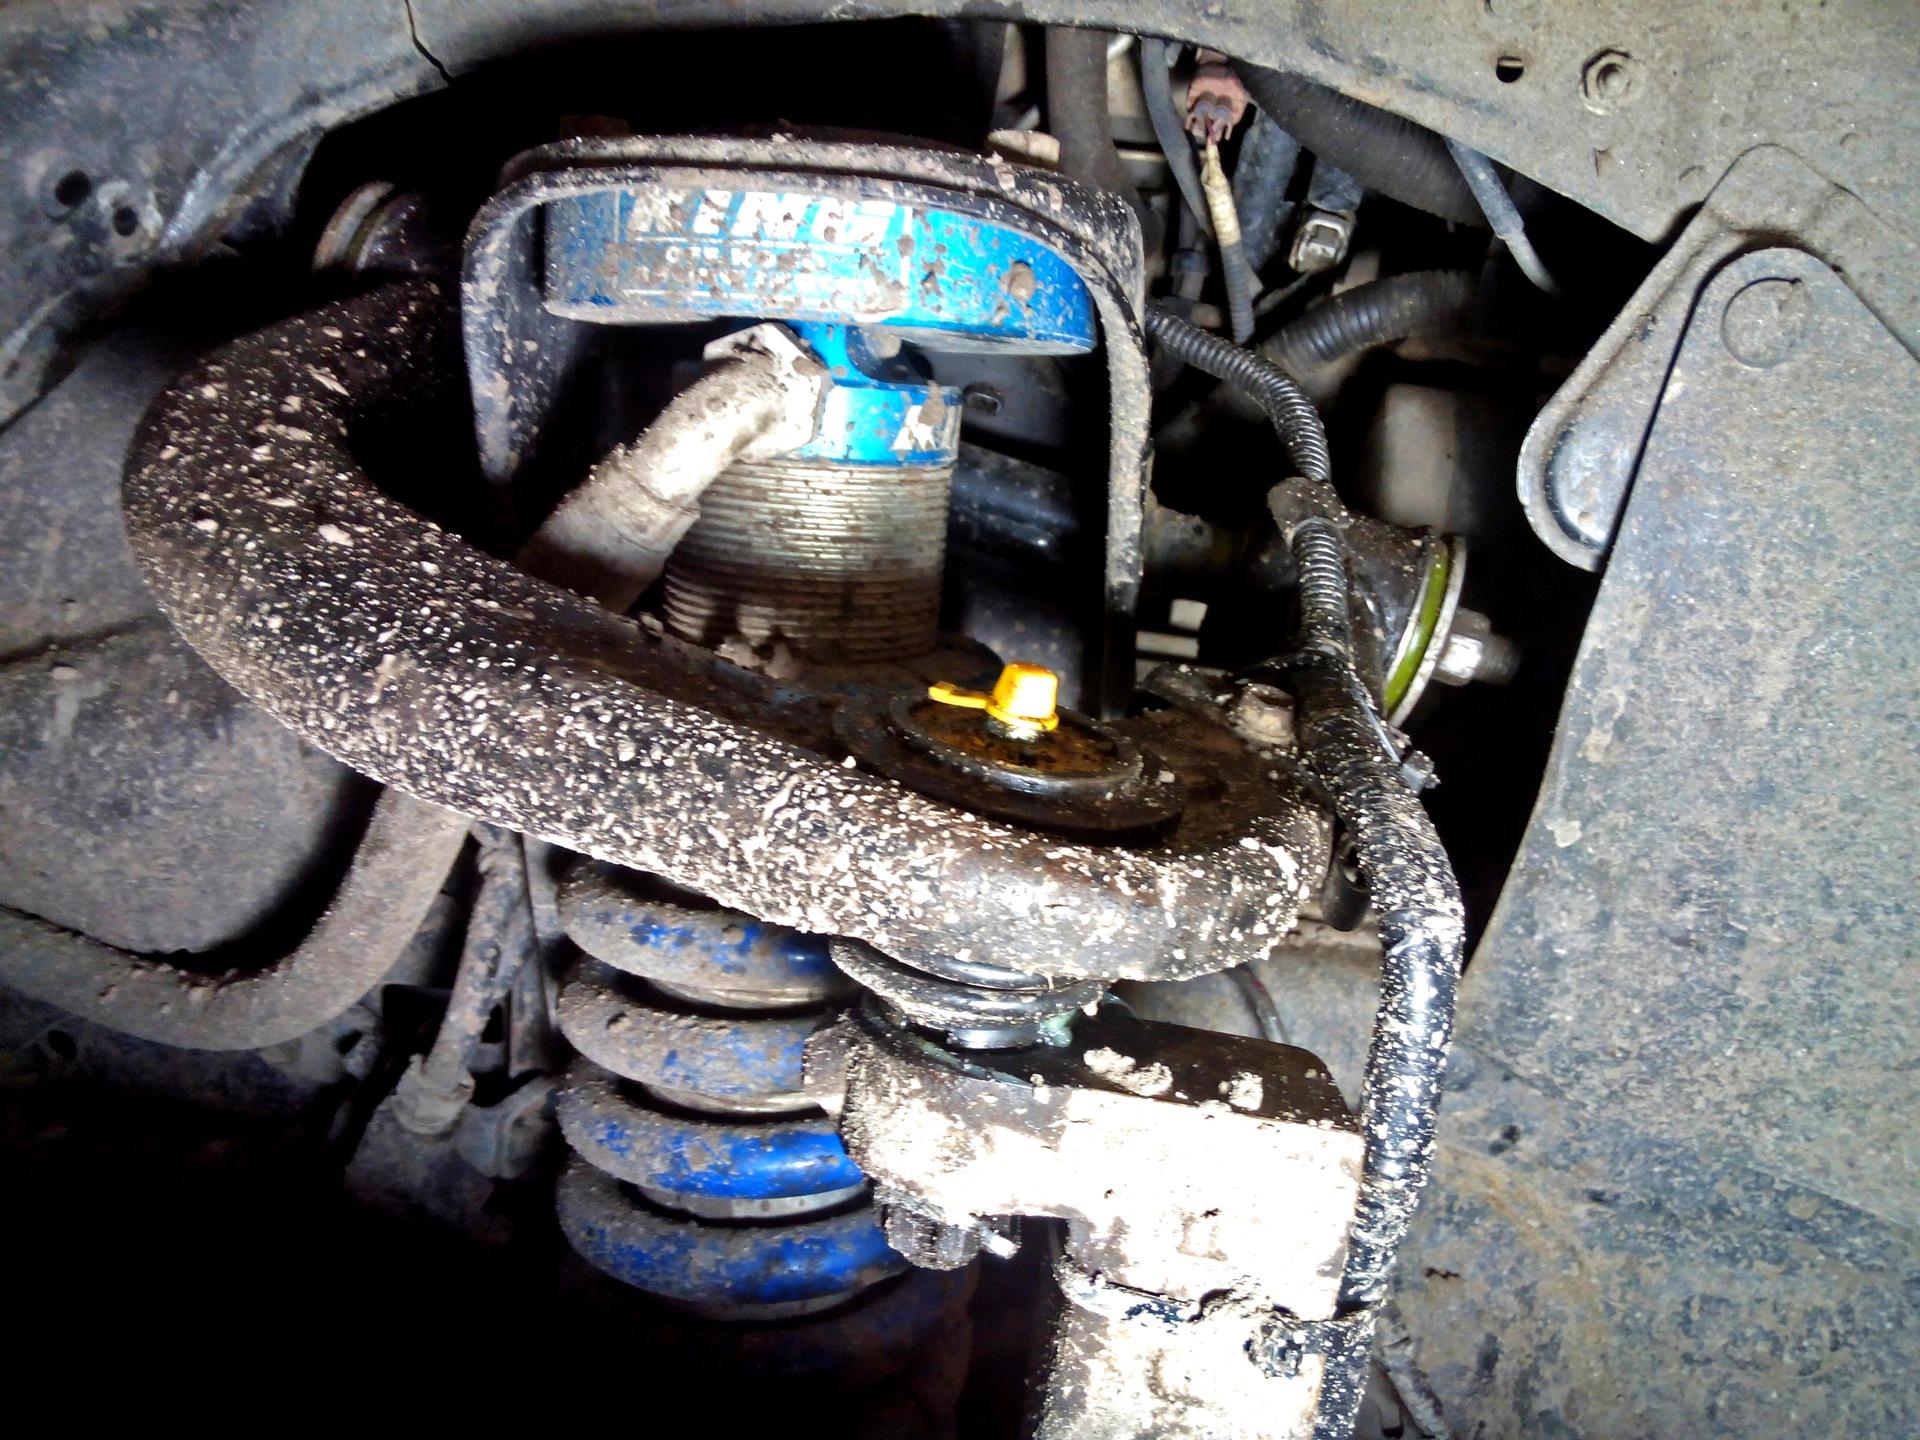 Замена верхнего рычага тойота прадо 150 Ремонт моторчиков охлаждения крета